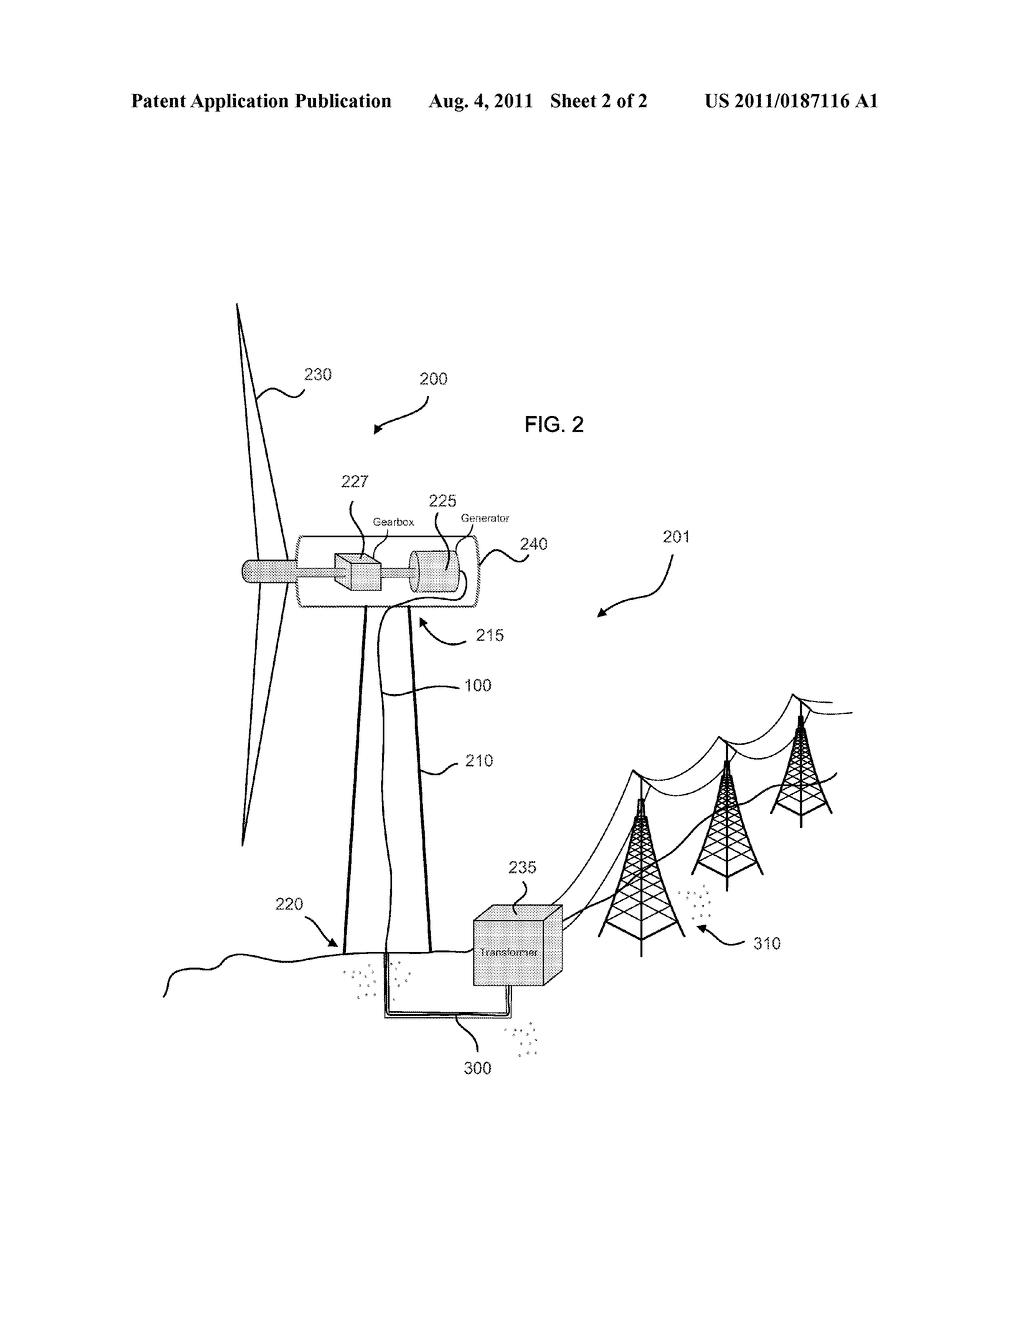 24 volt wind turbine wiring diagram